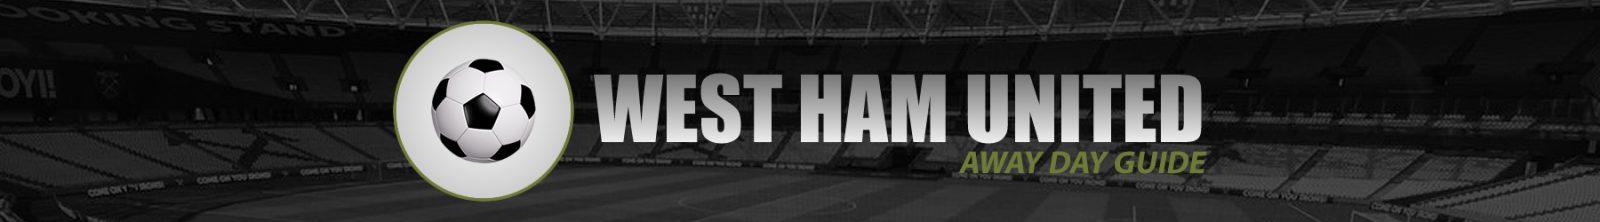 West Ham Away